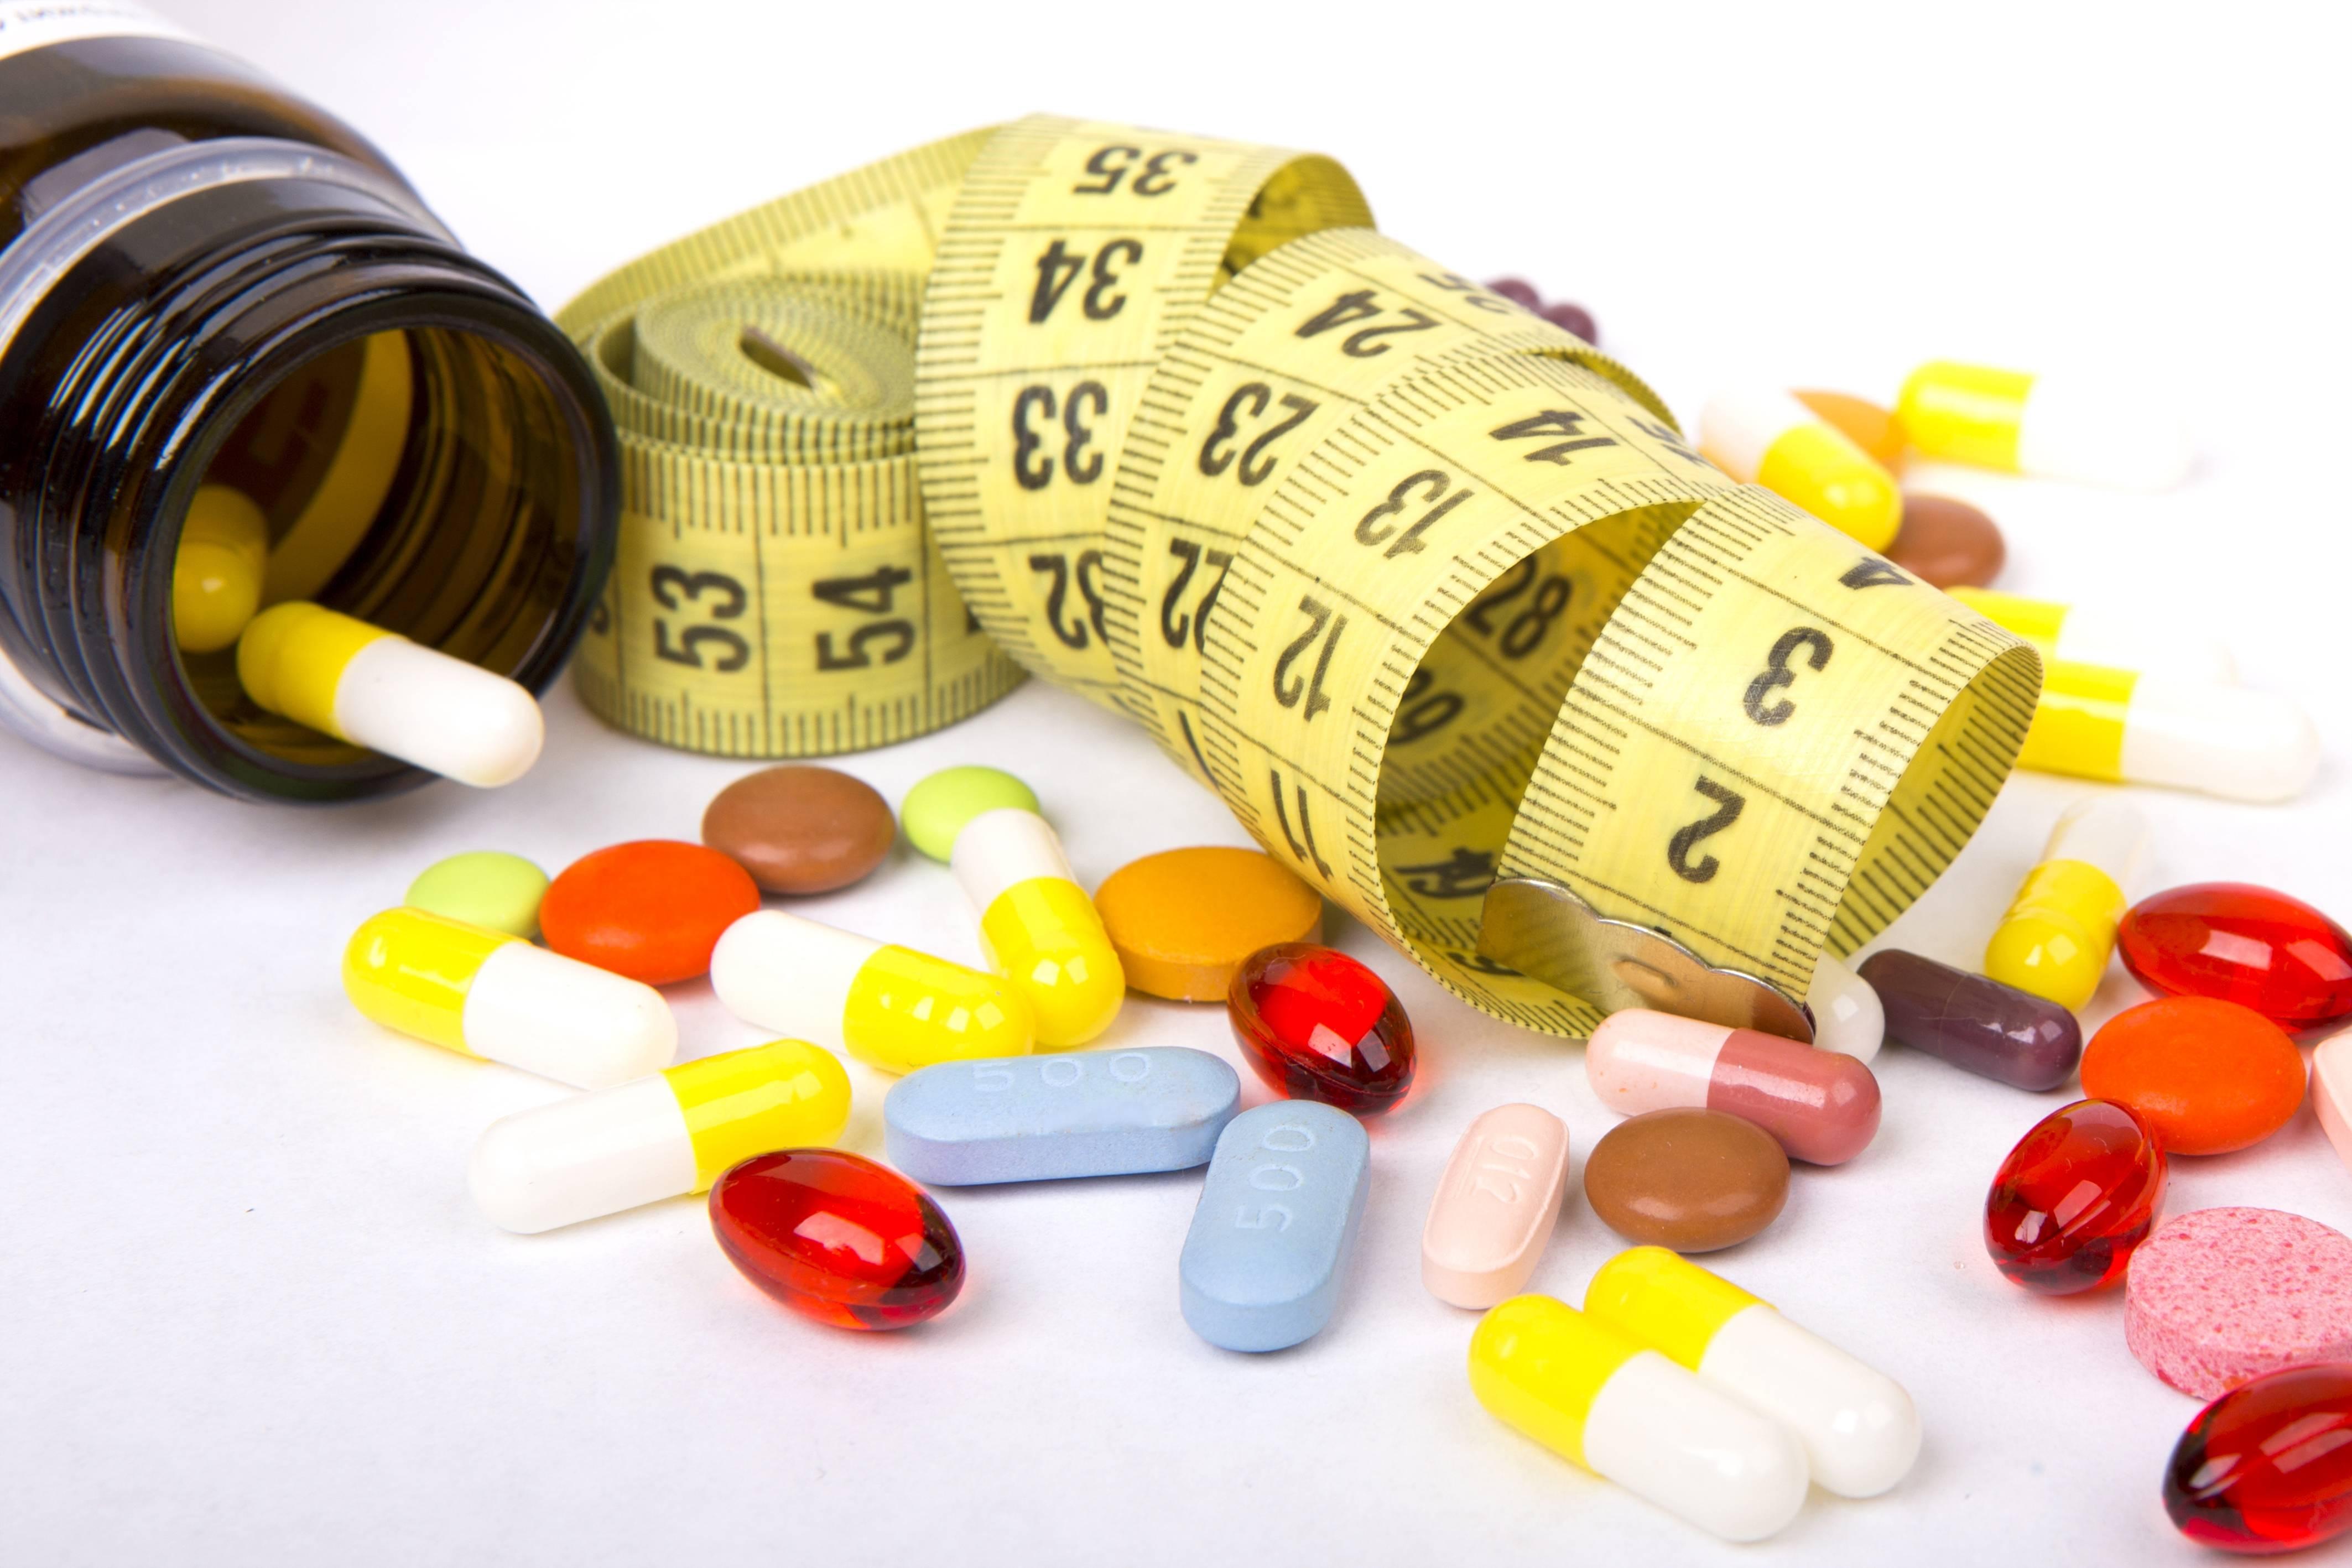 Efecte secundare de pierdere în greutate xenadrine este ușor să pierzi grăsimea din spate